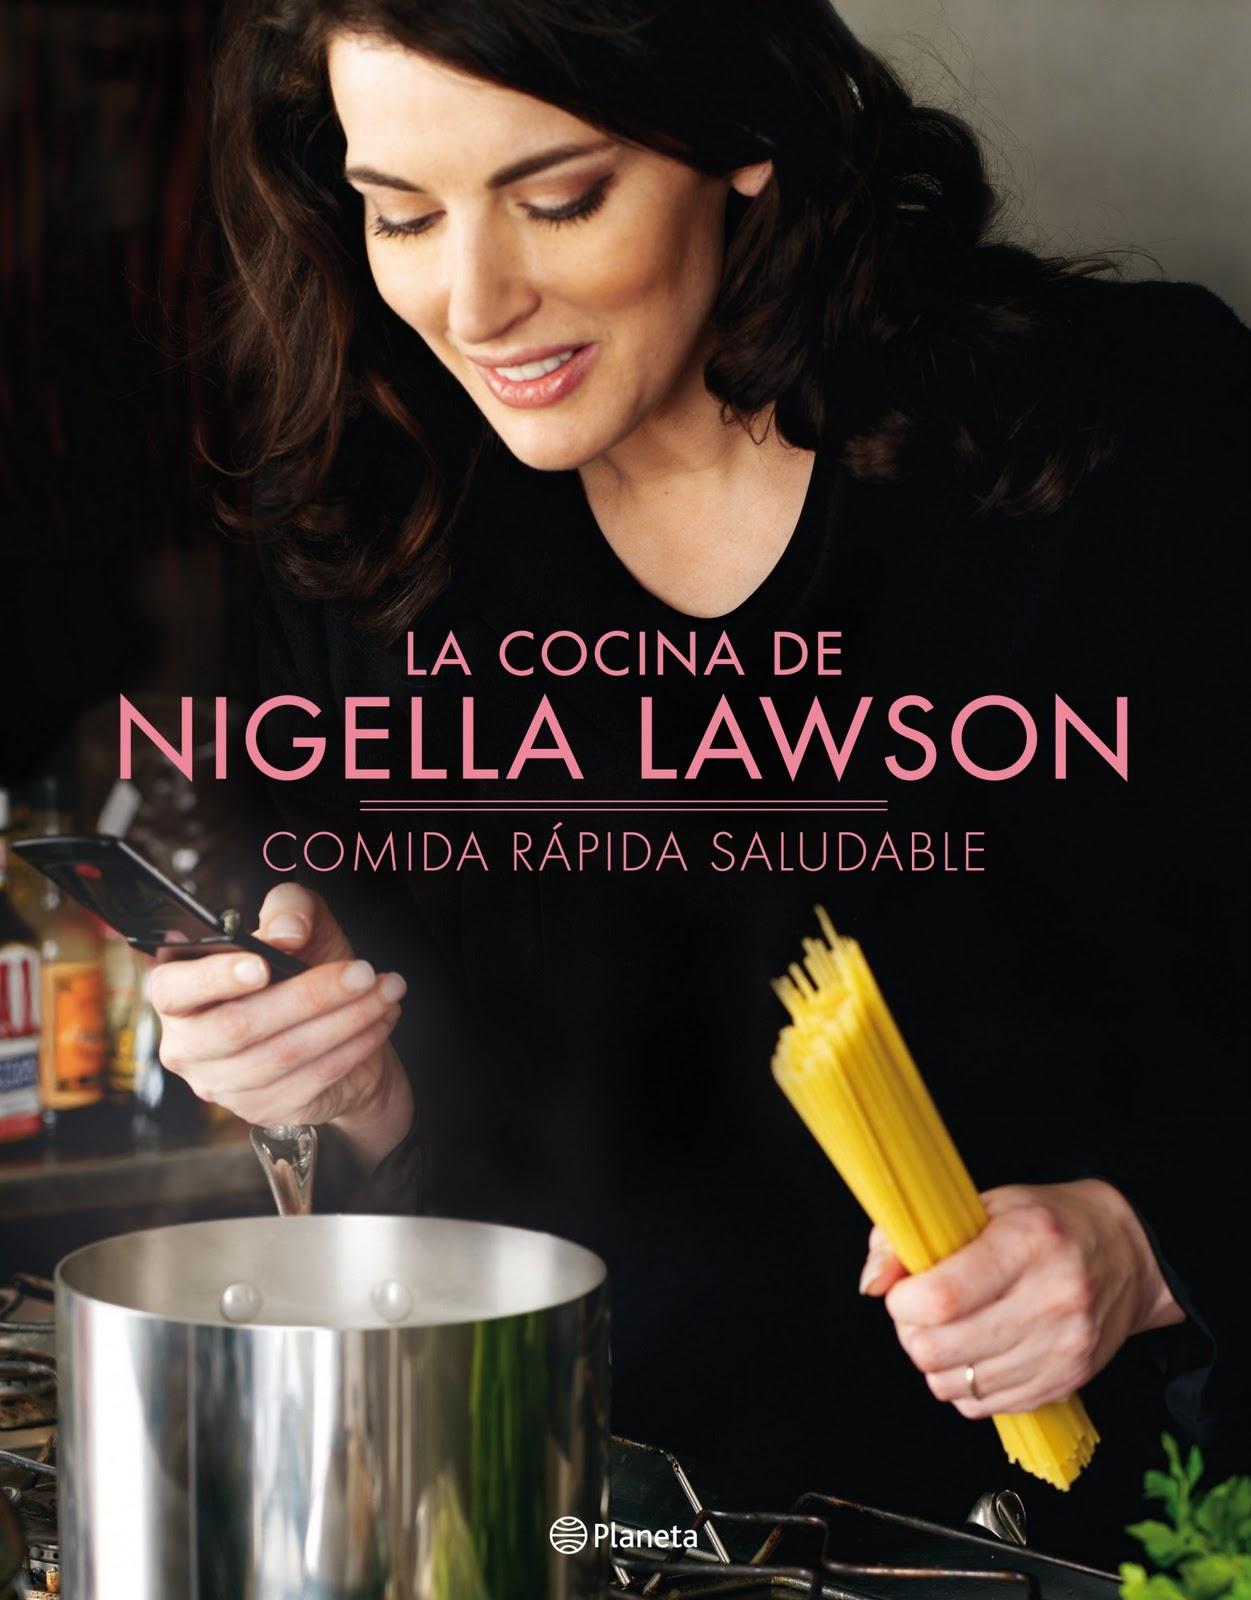 pienso luego cocino la cocina de nigella lawson